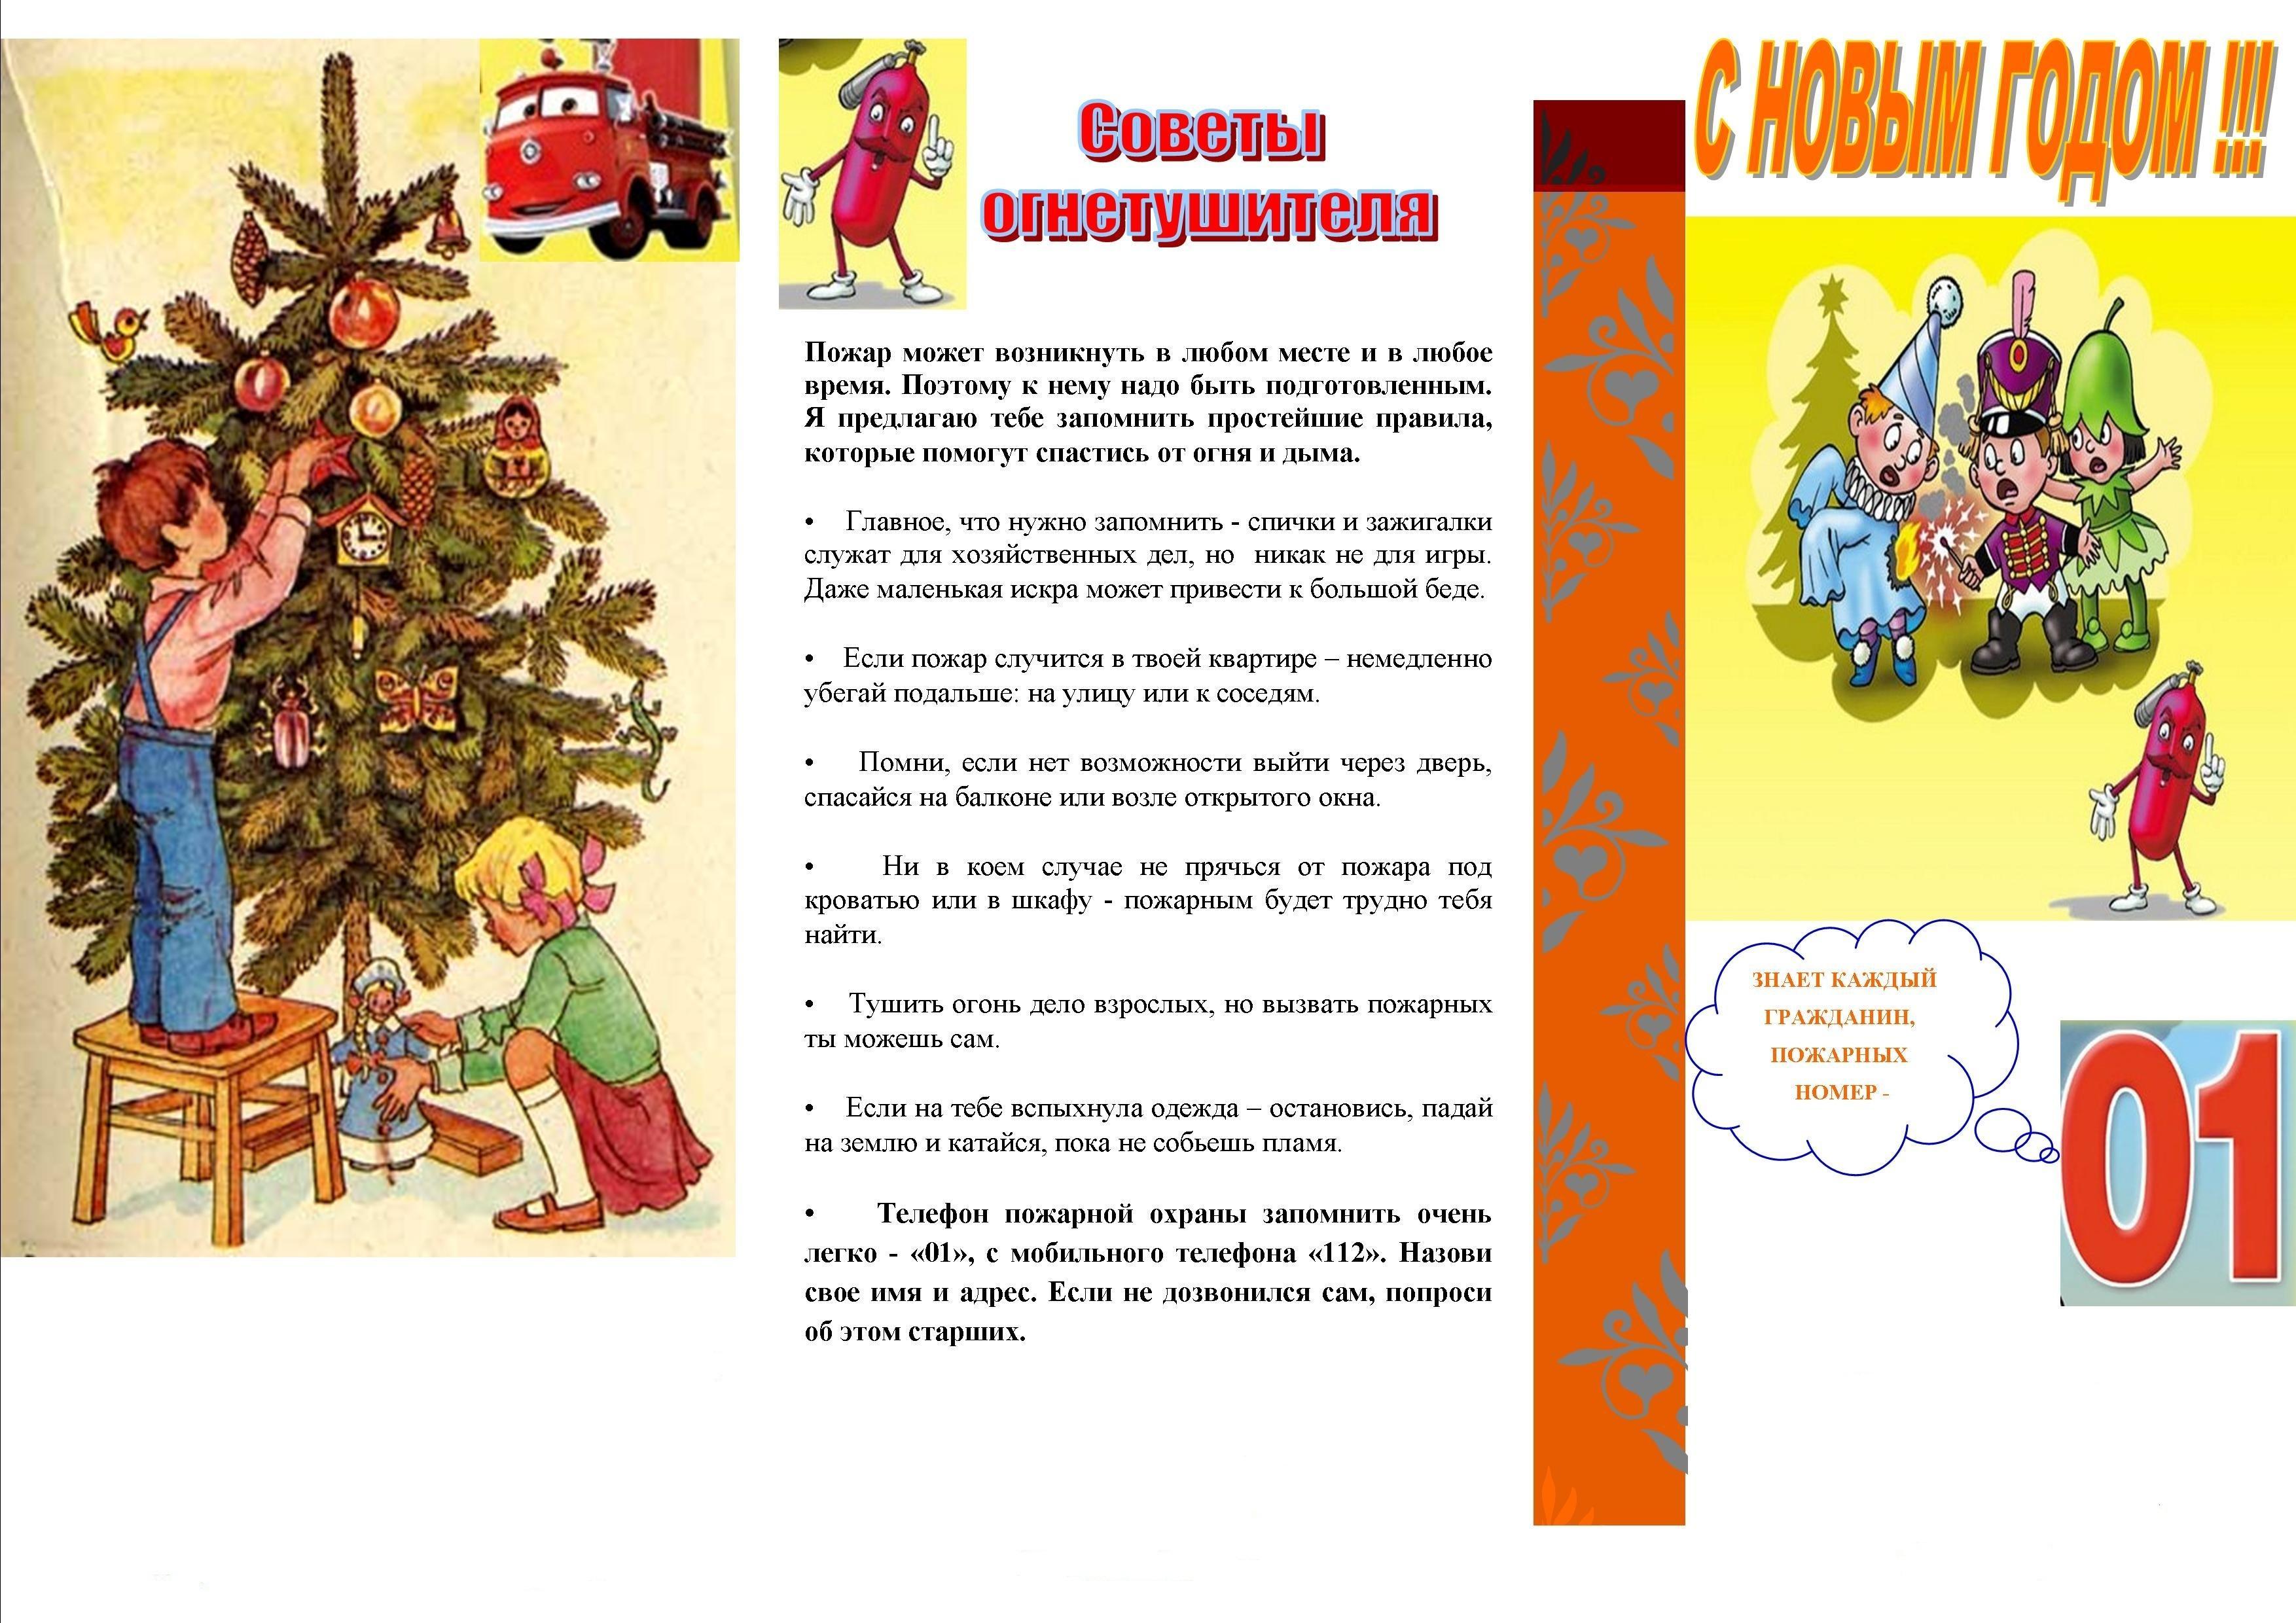 Детский сад пожарная безопасность в новый год